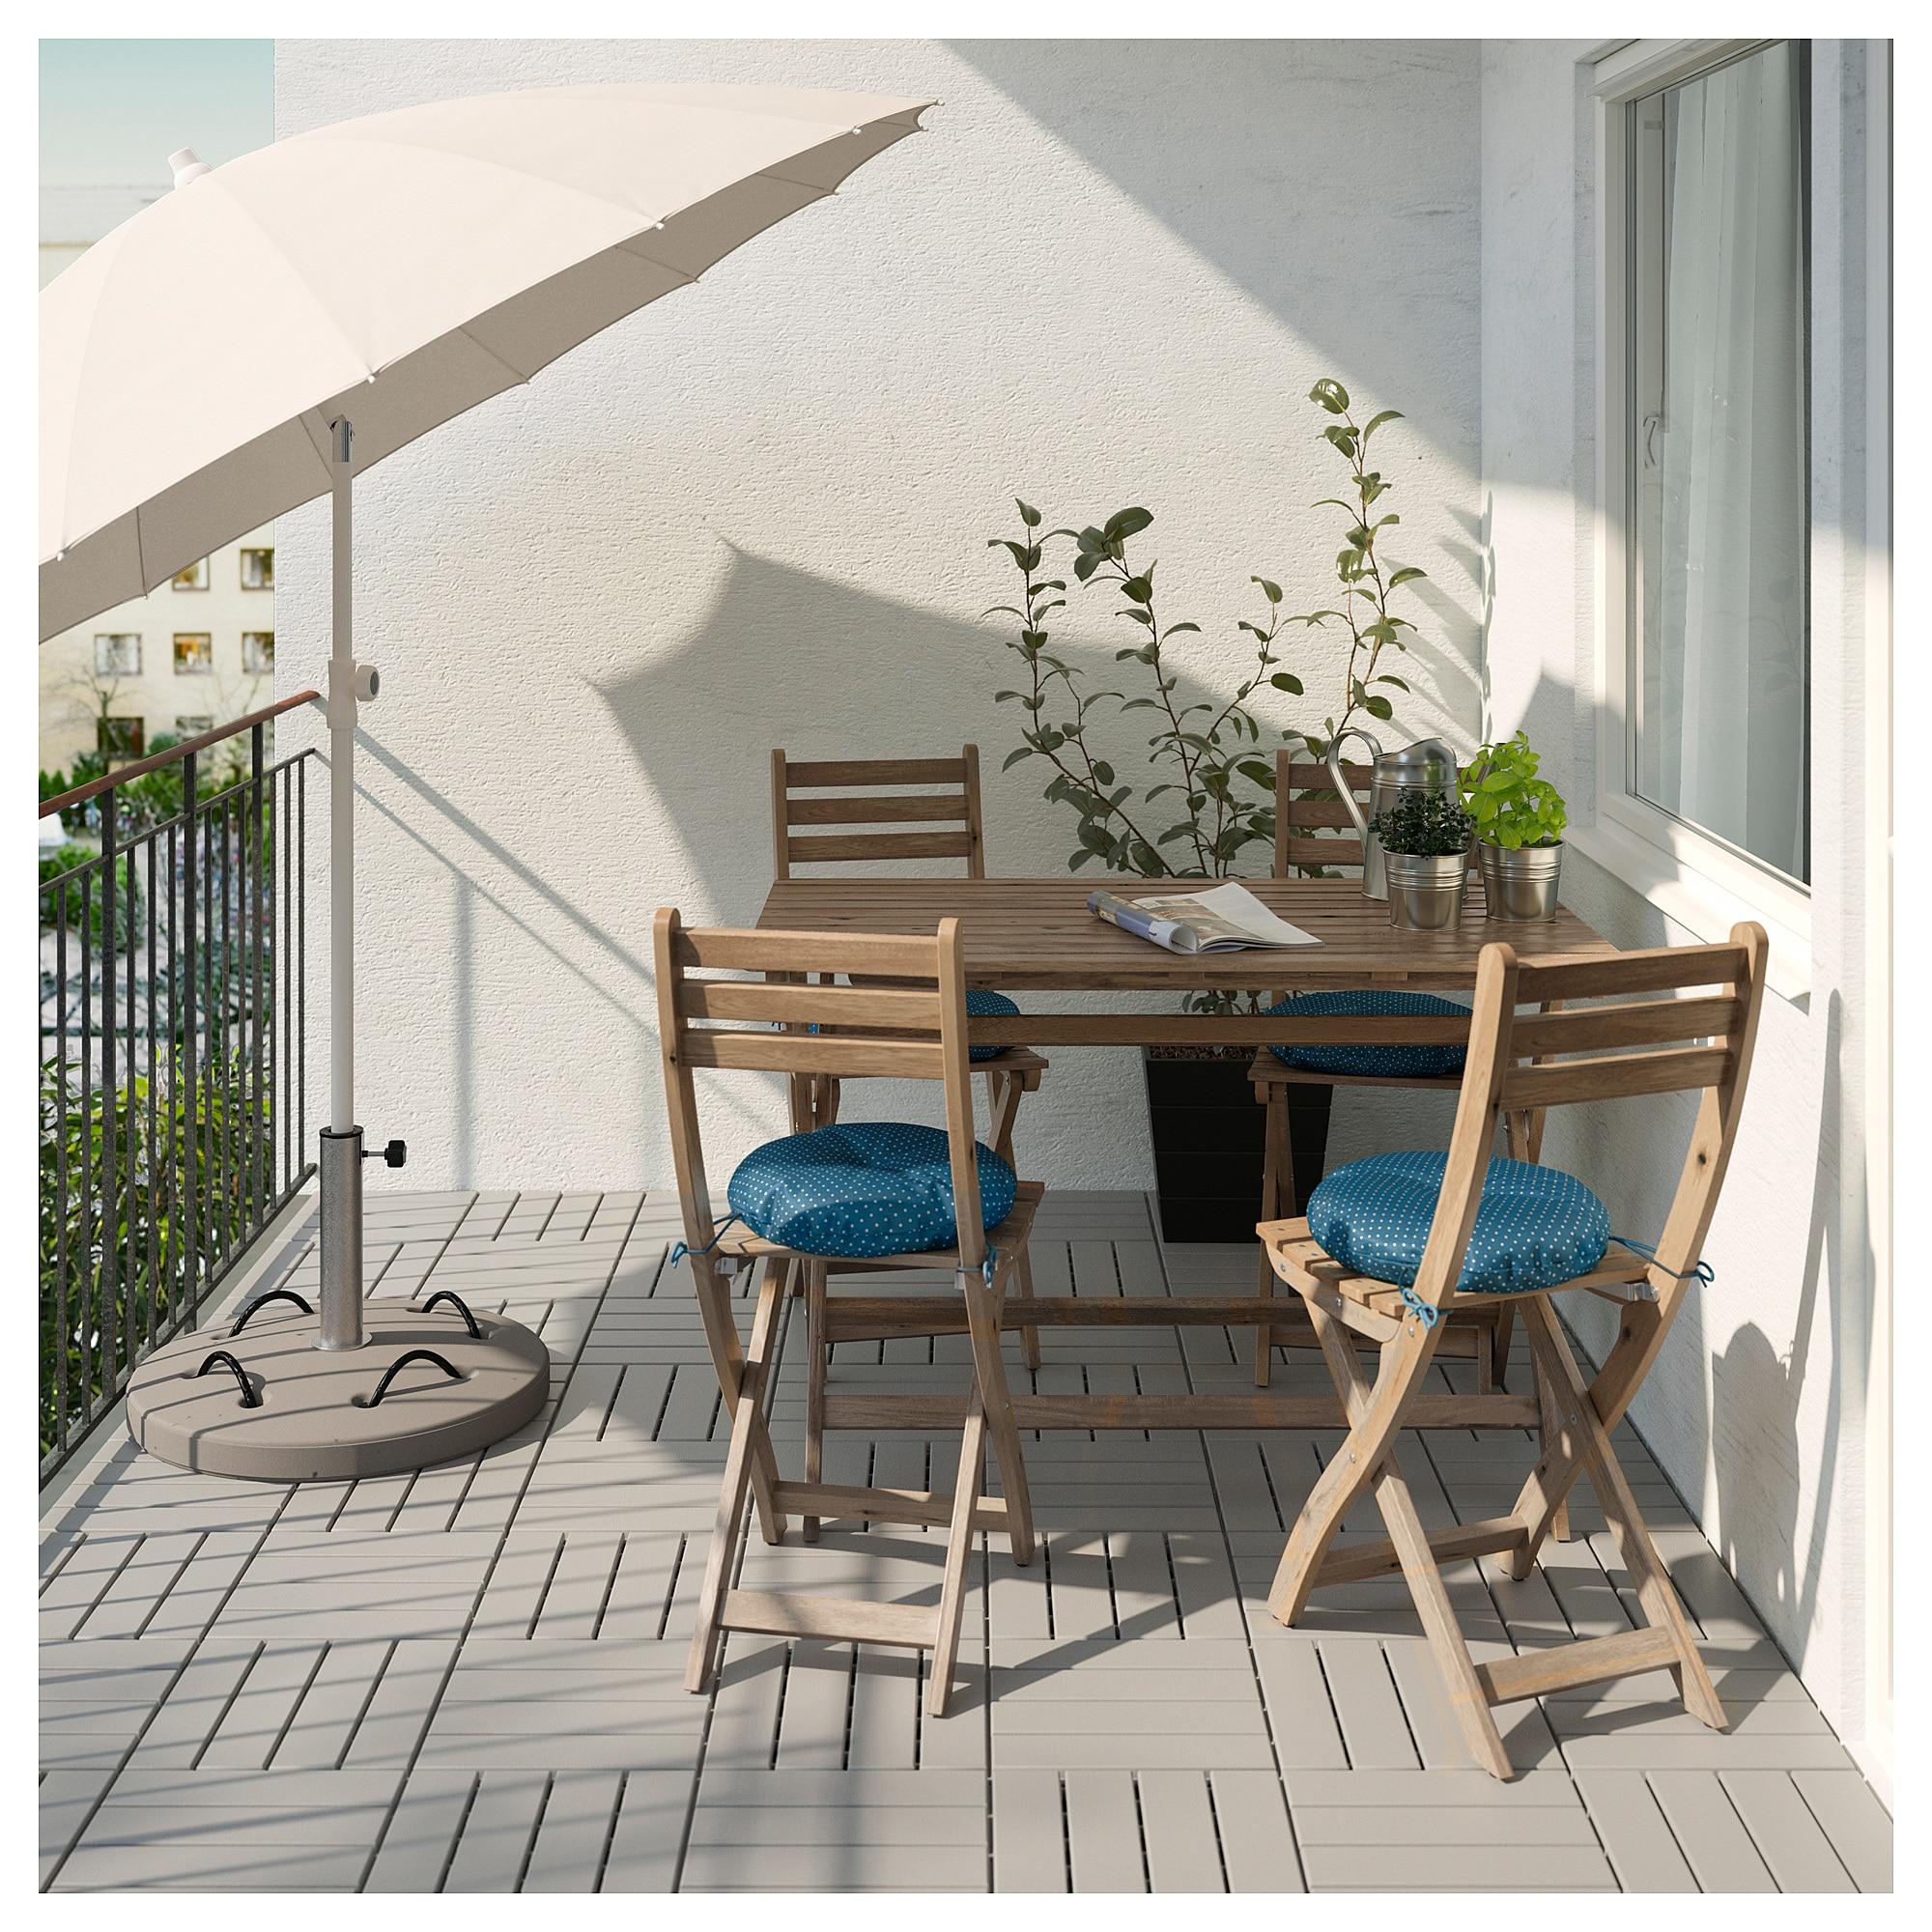 Стол + 4 стула, для сада АСКХОЛЬМЕН синий артикуль № 792.288.87 в наличии. Online каталог IKEA РБ. Быстрая доставка и соборка.